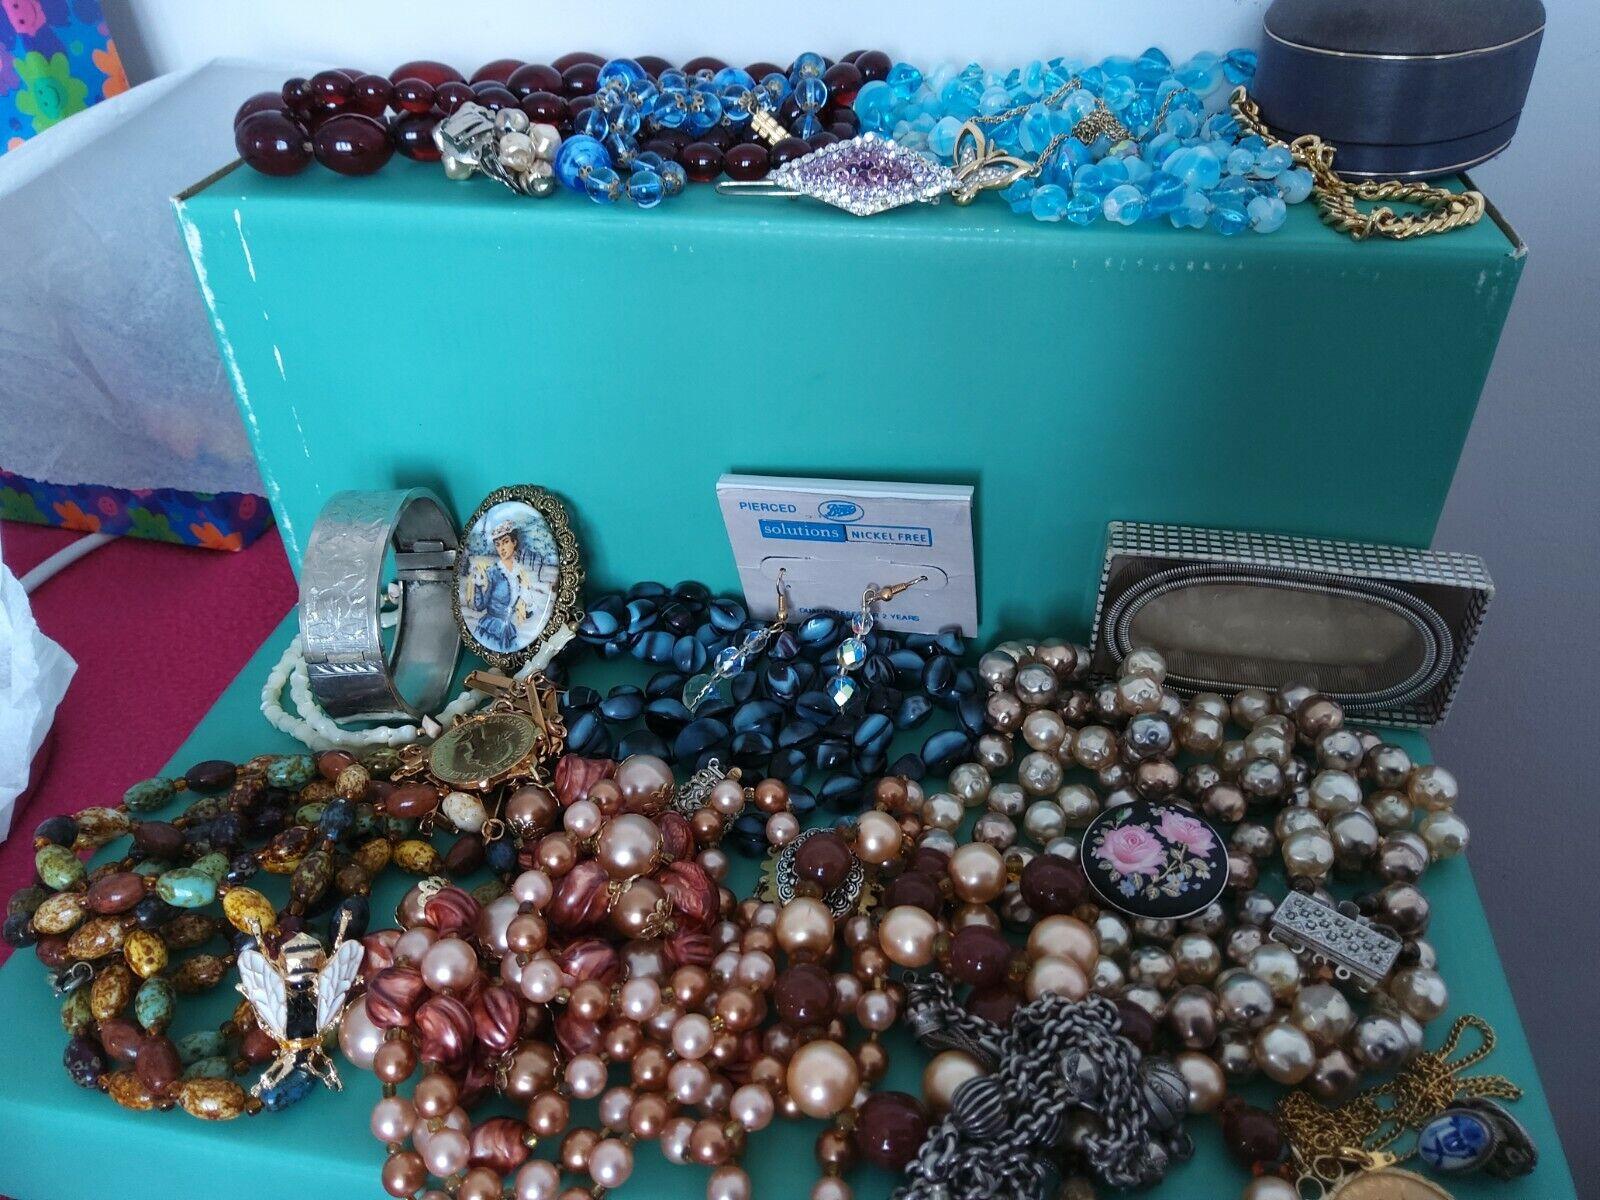 jewellery vintage - Job Lot of Mixed Vintage Jewellery